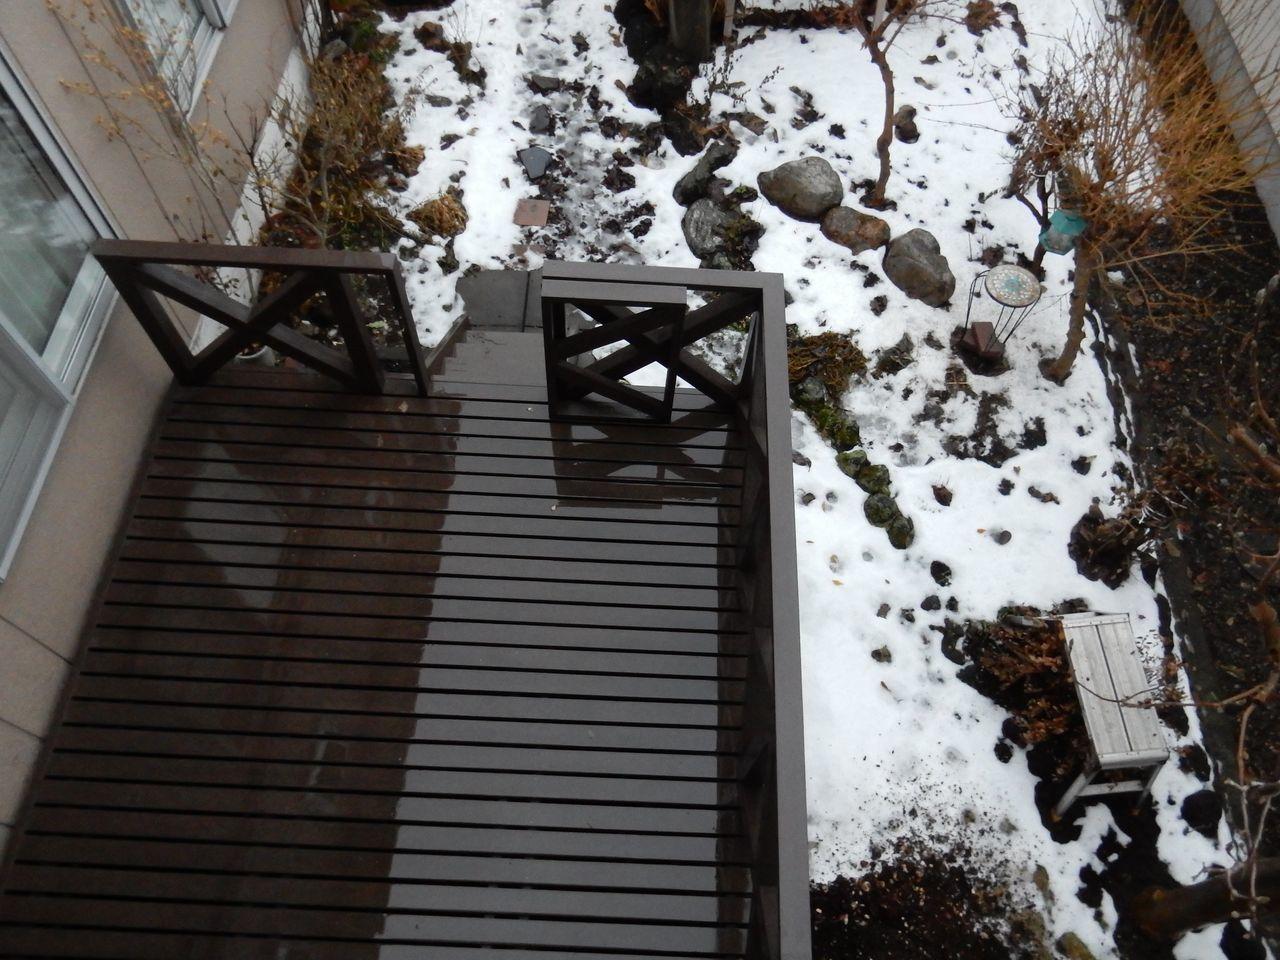 なんとか積雪ゼロのまま年を越さずにすみそうです_c0025115_23145525.jpg